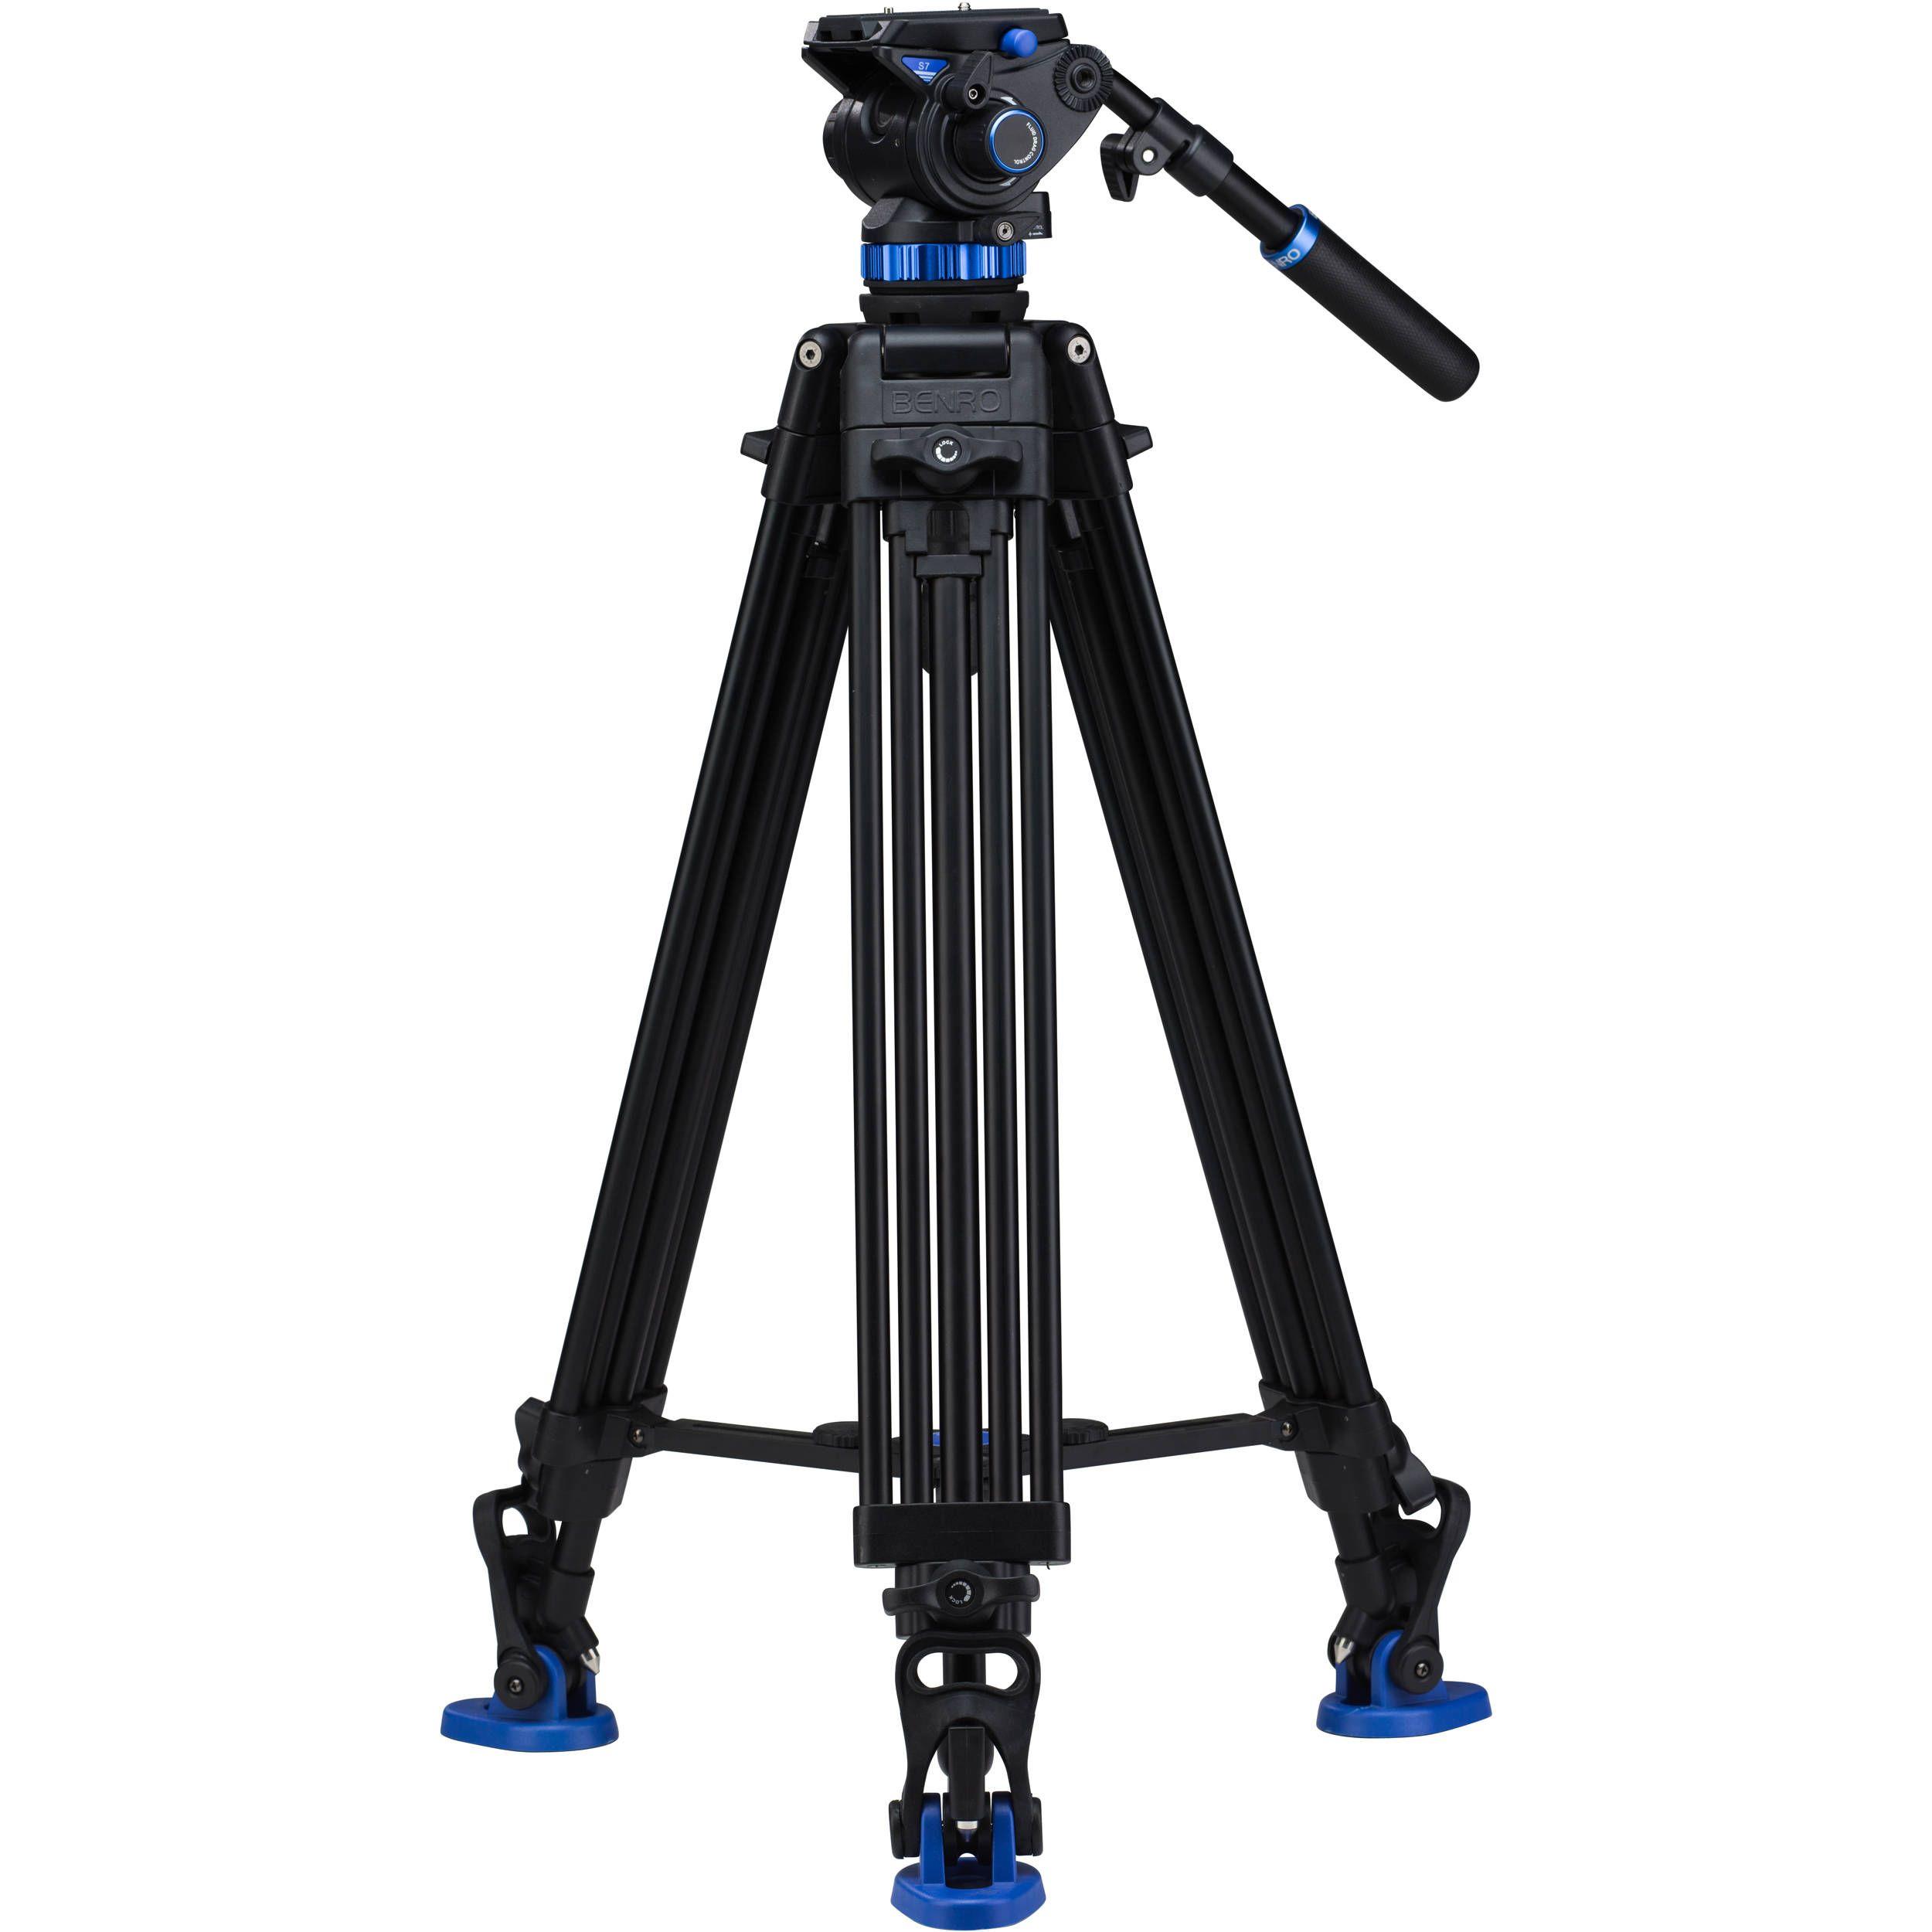 S7 Dual Stage Video Tripod Kit Camera Gear Camera Gear Tripod